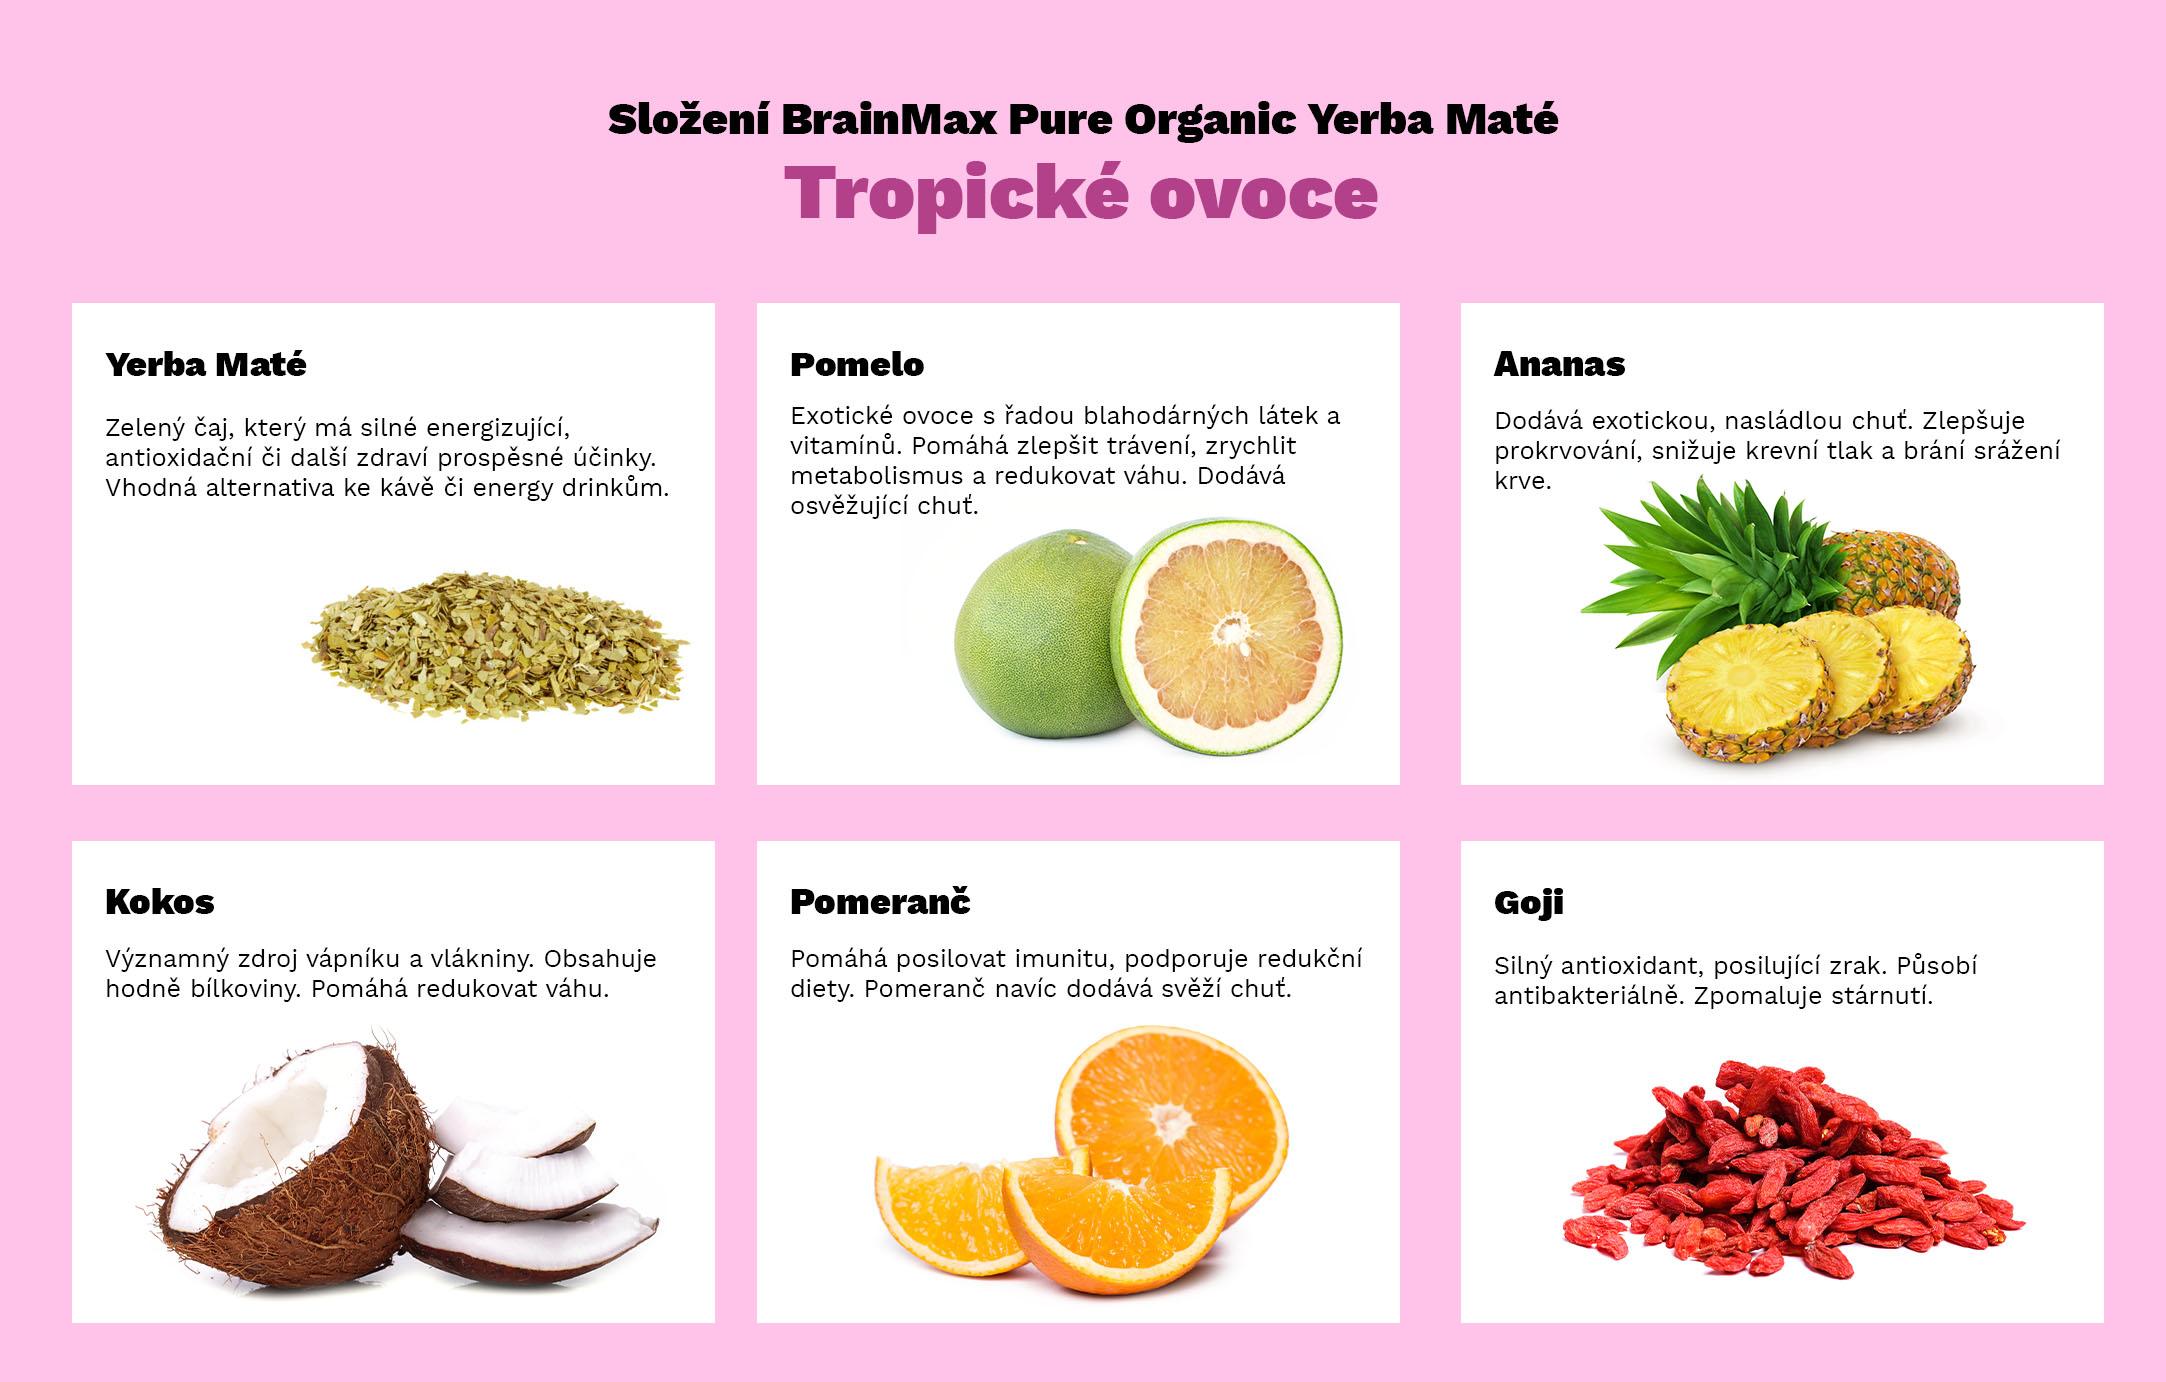 Složení BrainMax Pure Yerba Mate Tropické ovoce